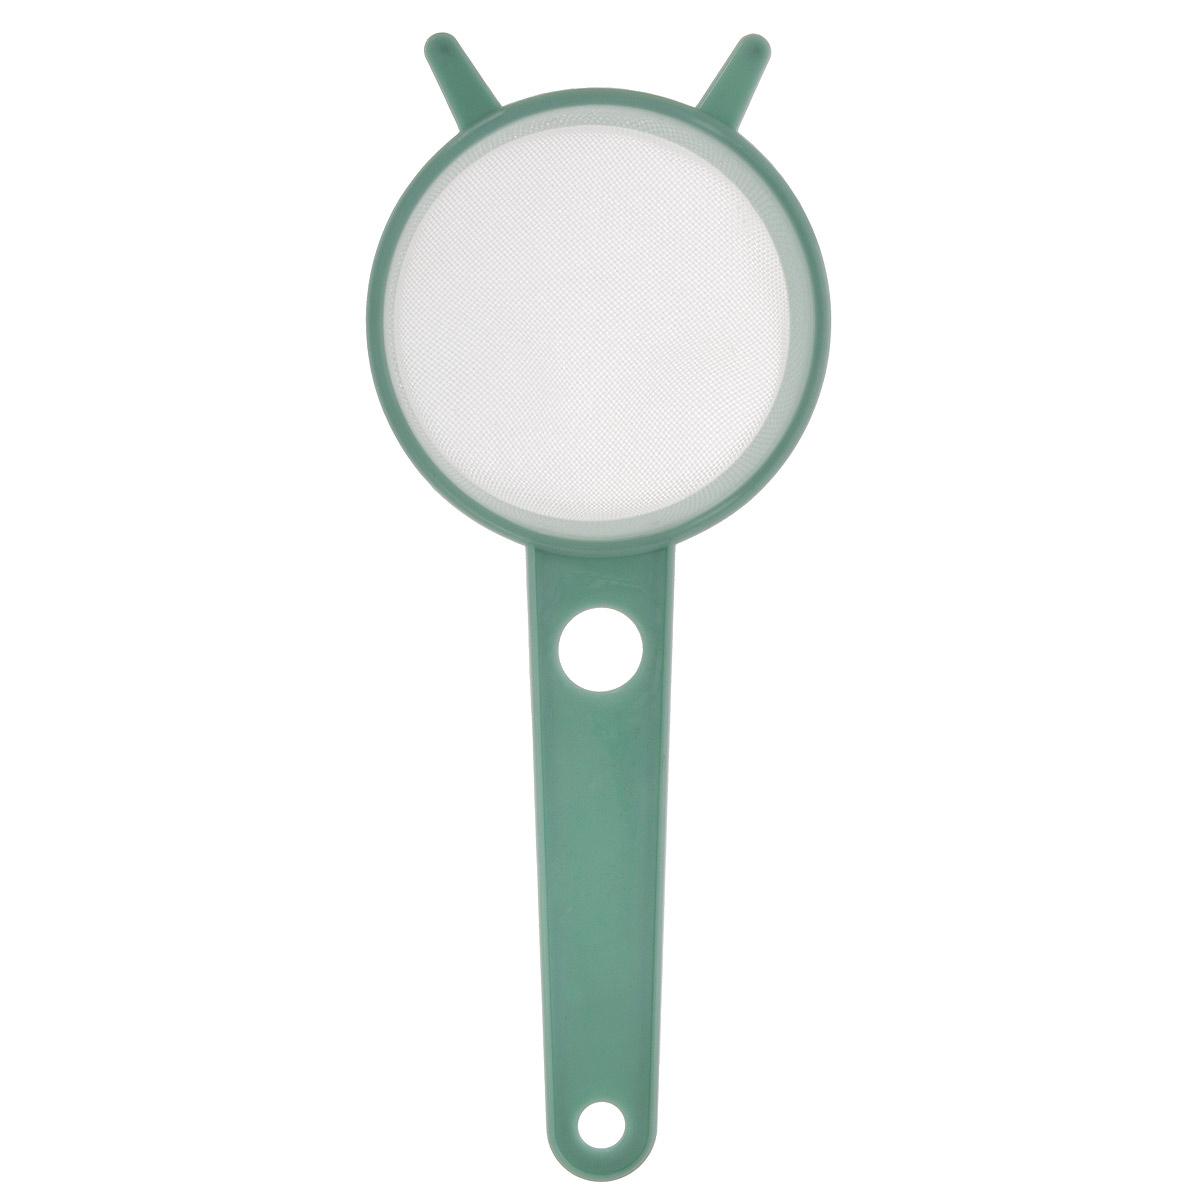 Сито Альтернатива с ручкой, цвет: зеленый, диаметр 7 смМ531Сито Альтернатива выполнено из высококачественного пластика. Компактное сито предназначено для просеивания муки, процеживания жидкости узкую тару. Прочная сетка и корпус обеспечивают изделию износостойкость и долговечность. Такое сито станет достойным дополнением к кухонному инвентарю. Диаметр: 7,5 см. Длина (с учетом ручки): 19 см. Высота стенок: 4 см.